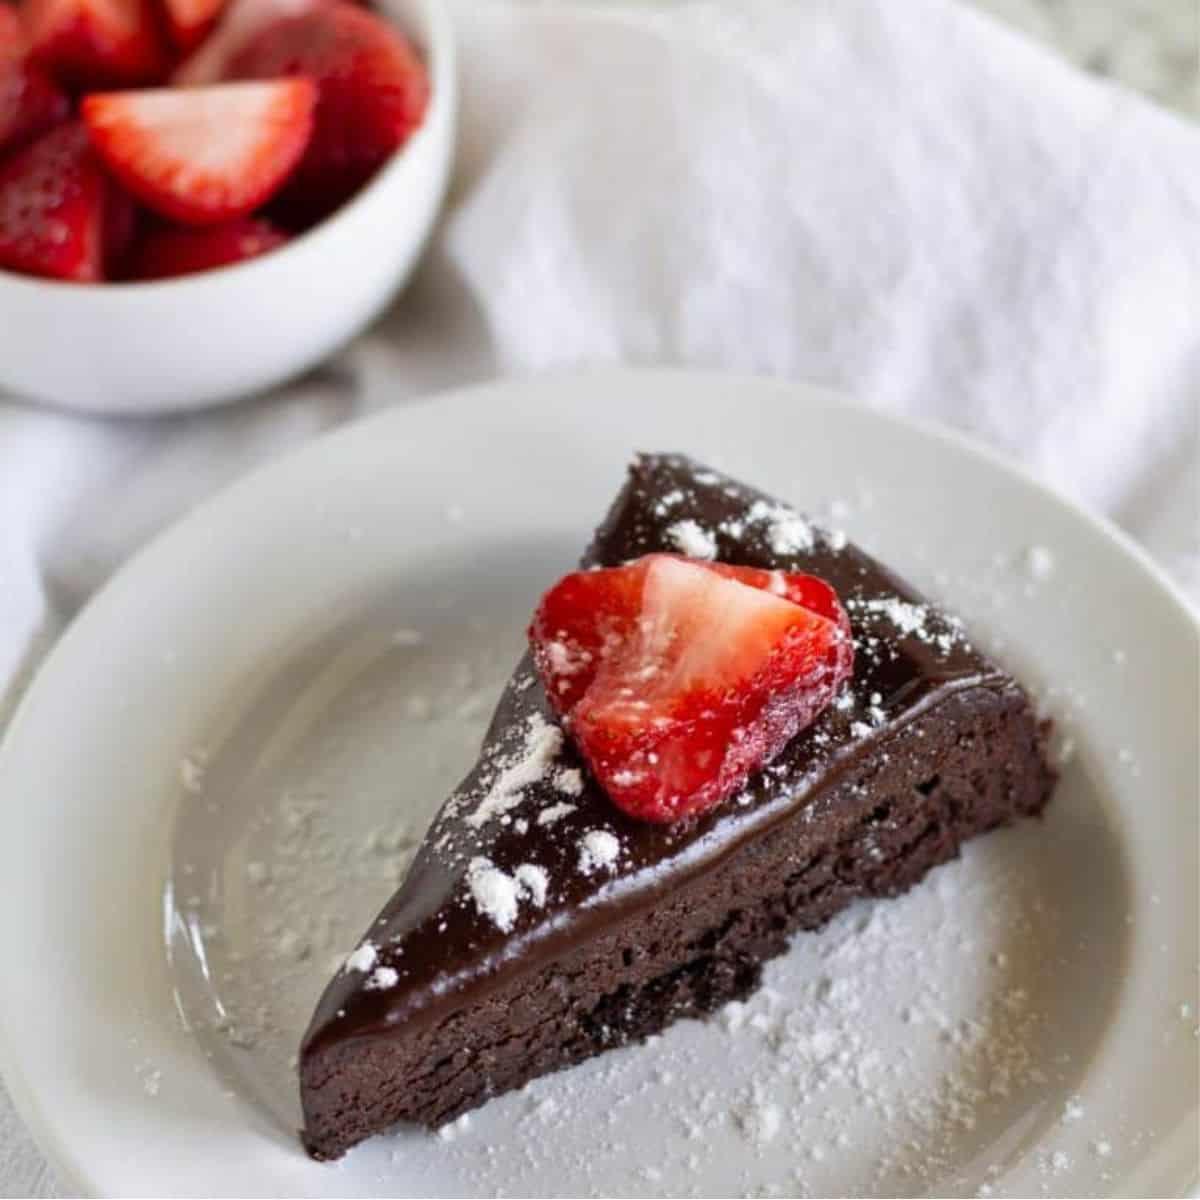 square image of keto flourless chocolate cake